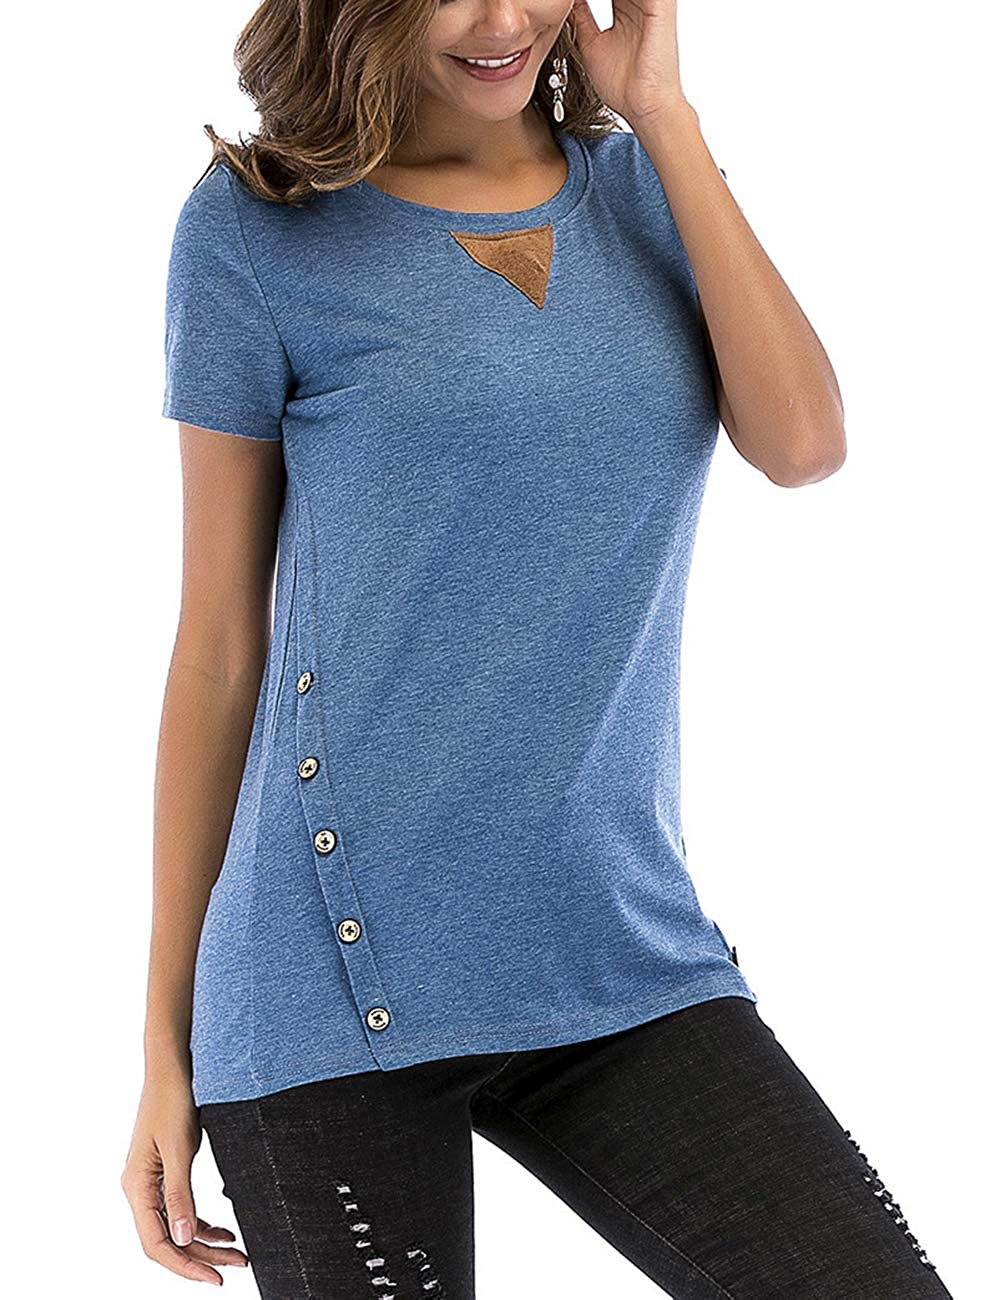 FeelinGirl Mujer Camisetas Mangas Cortas Tops Suelto Algodón Verano Blusa Casual